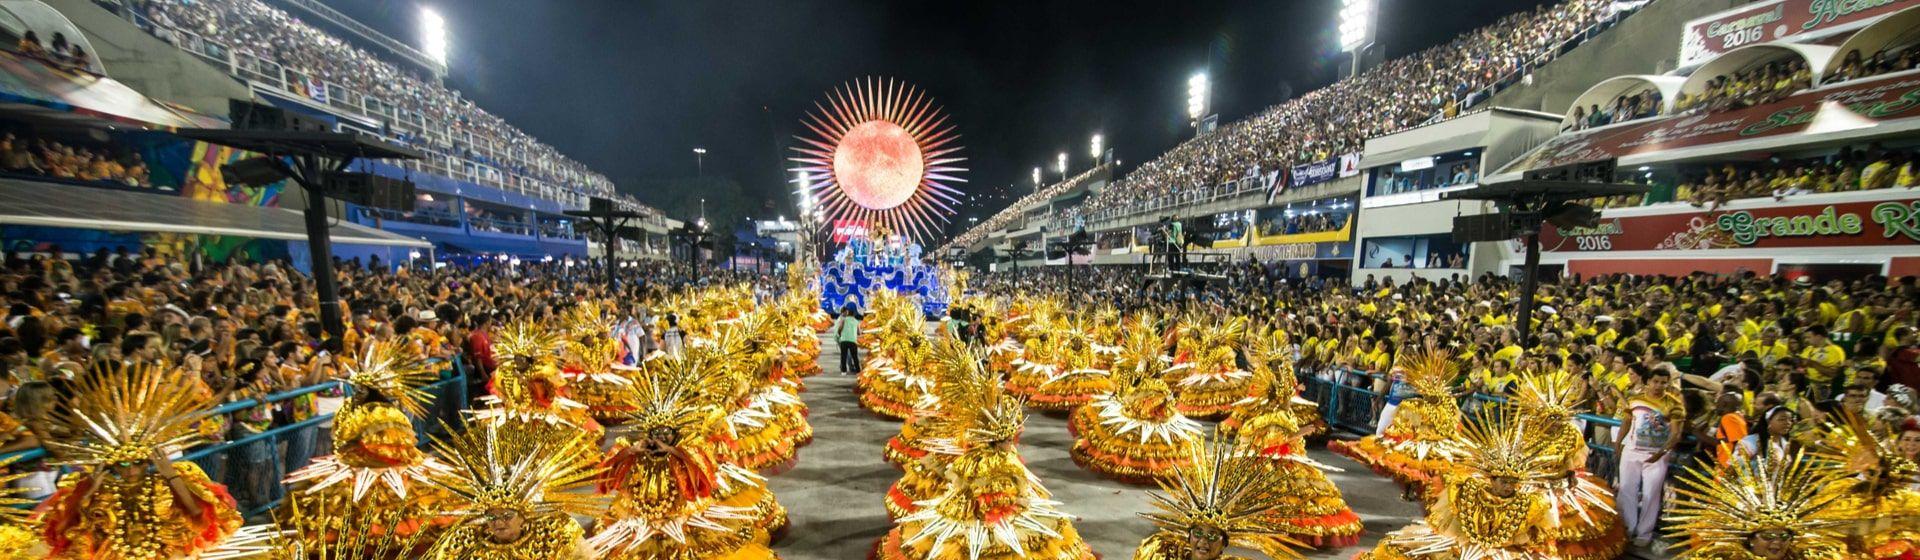 Carnaval e inovações tecnológicas: relembre grandes momentos